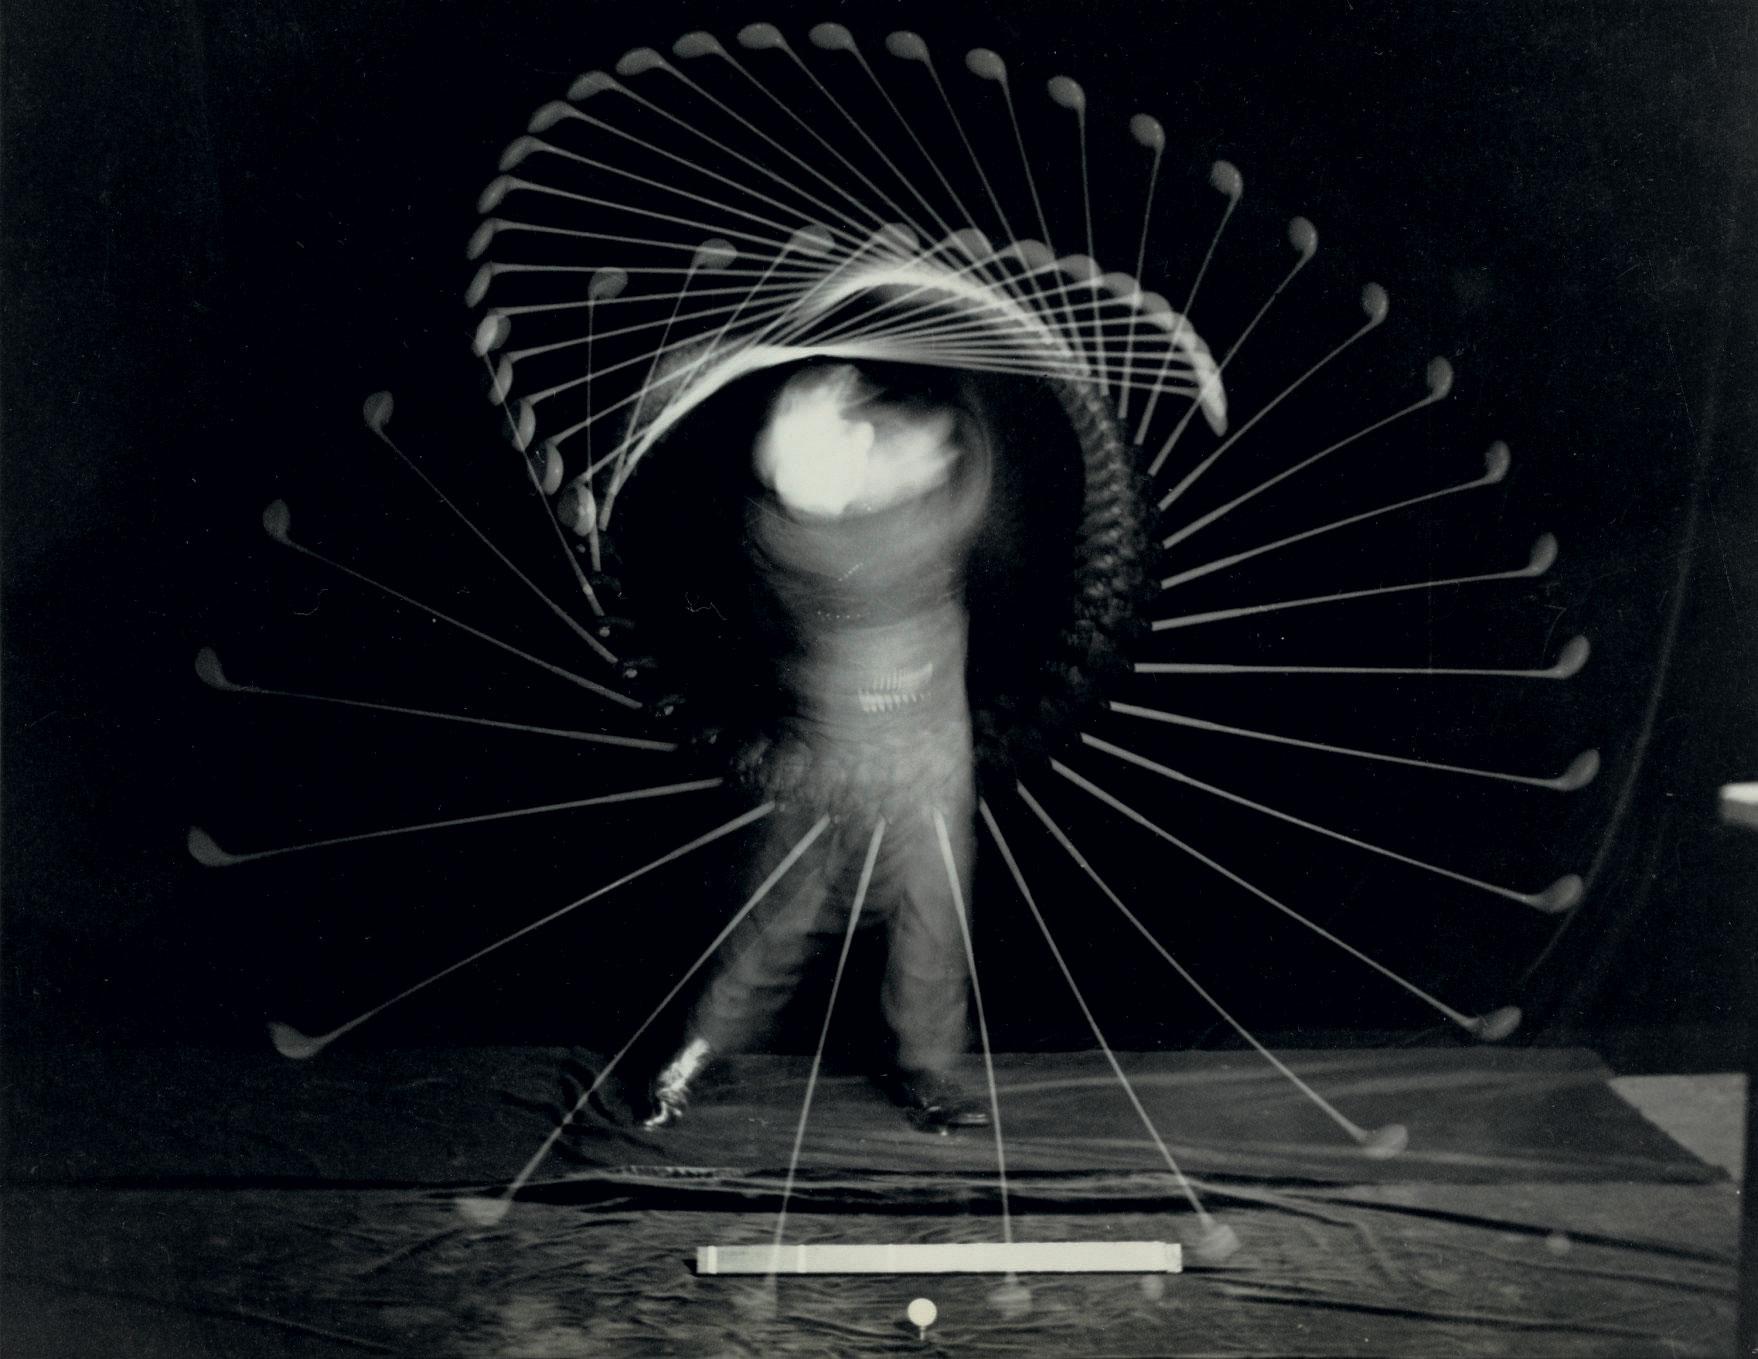 Bobby Jones' Golf Swing, 1938